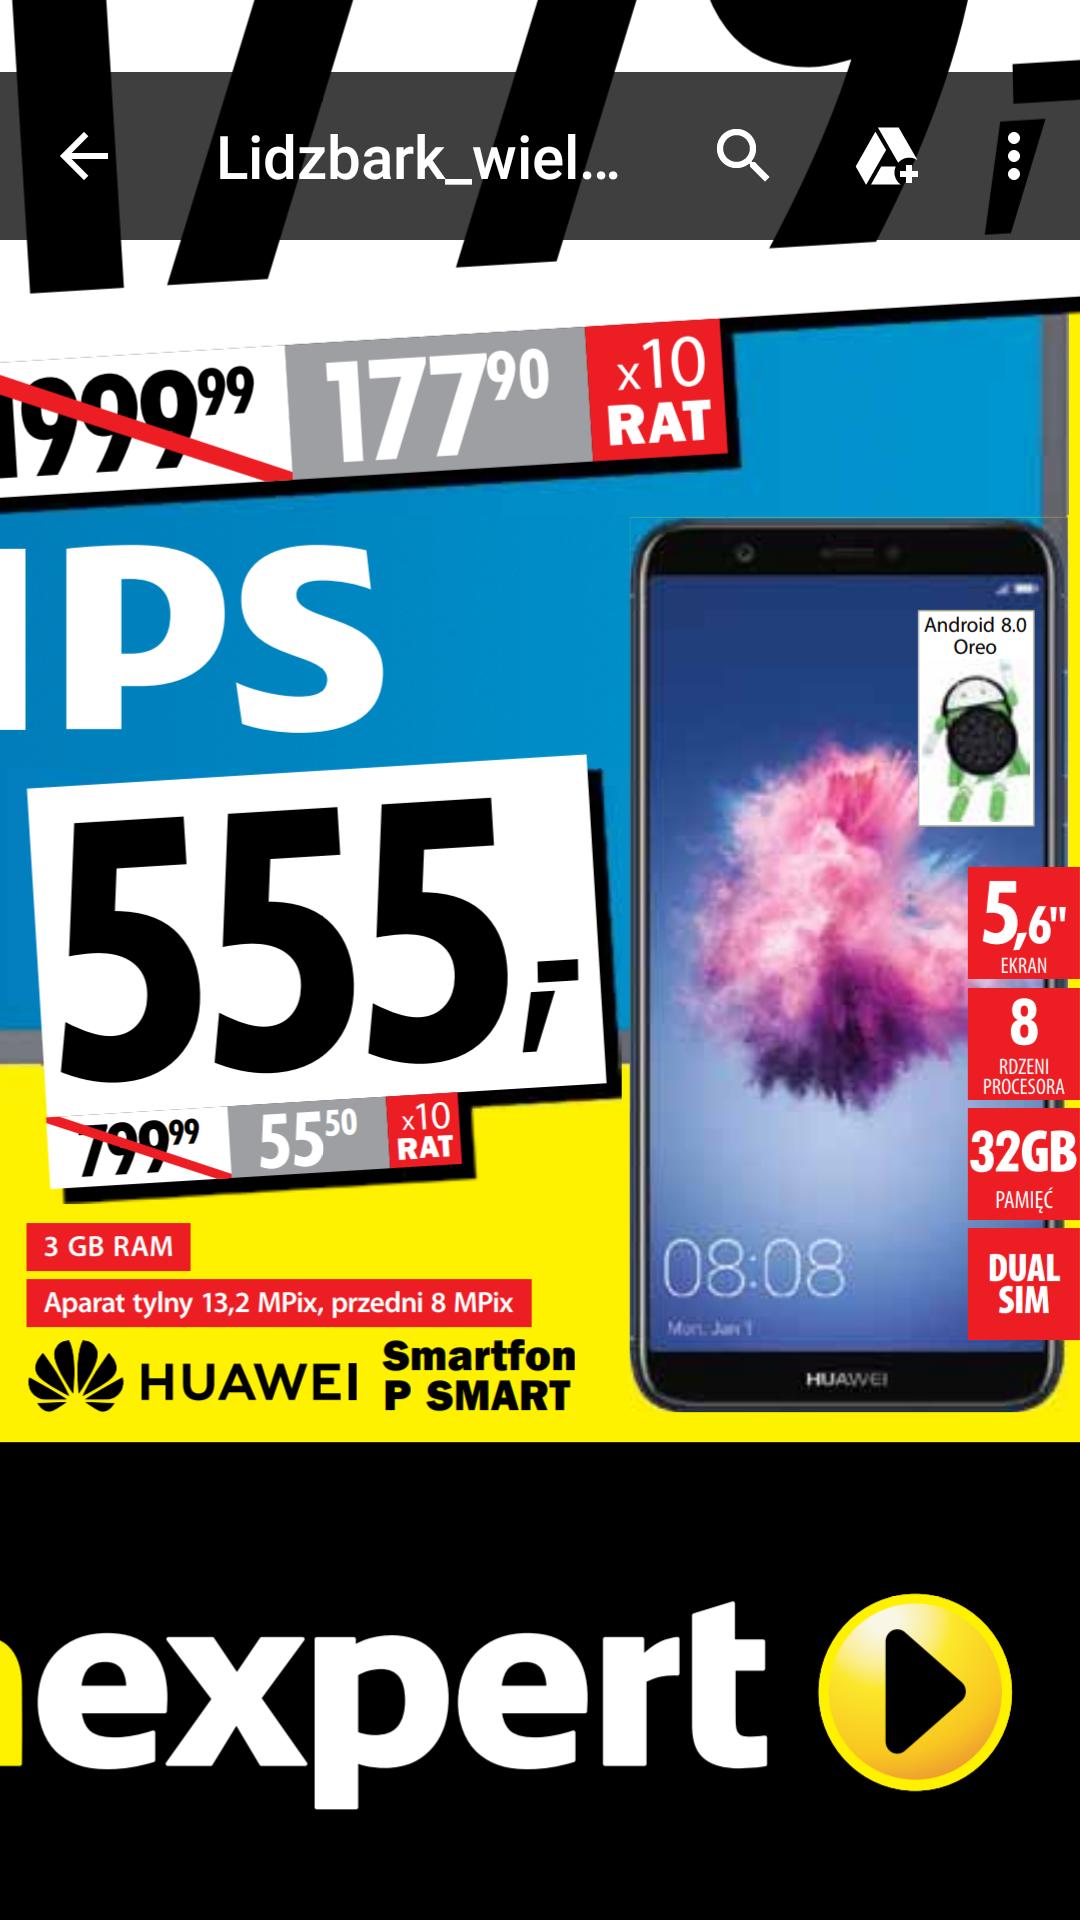 Huawei P Smart Dual Sim - Lidzbark - Media Expert - Wielkie Otwarcie